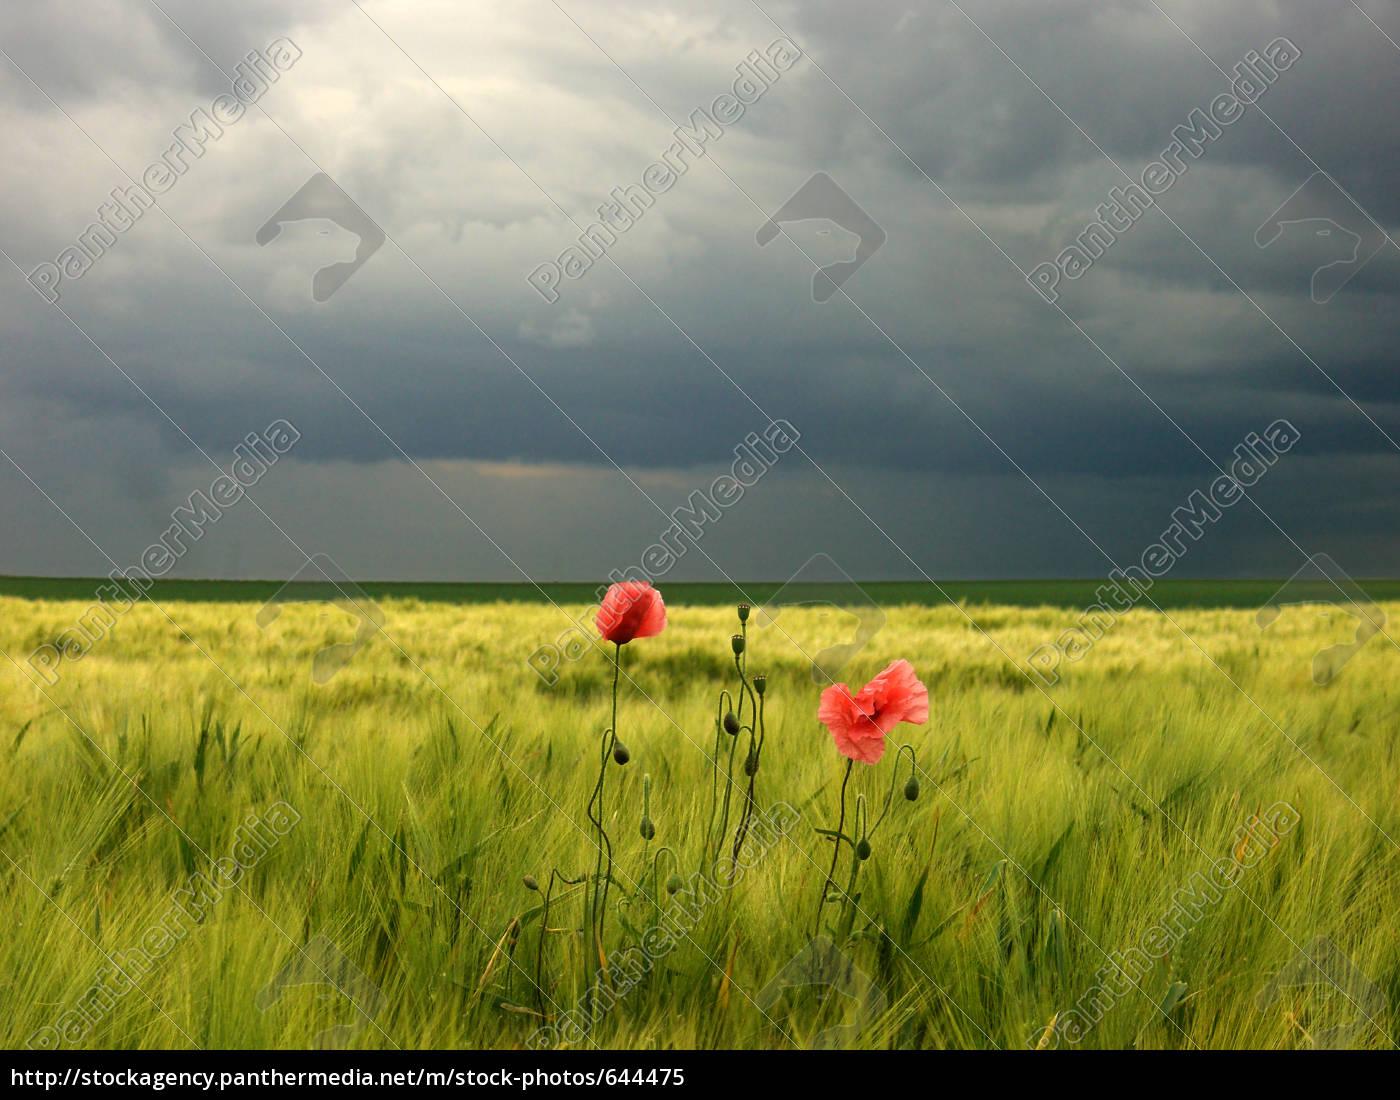 amapola, chismosa, en, campo, de, cebada - 644475